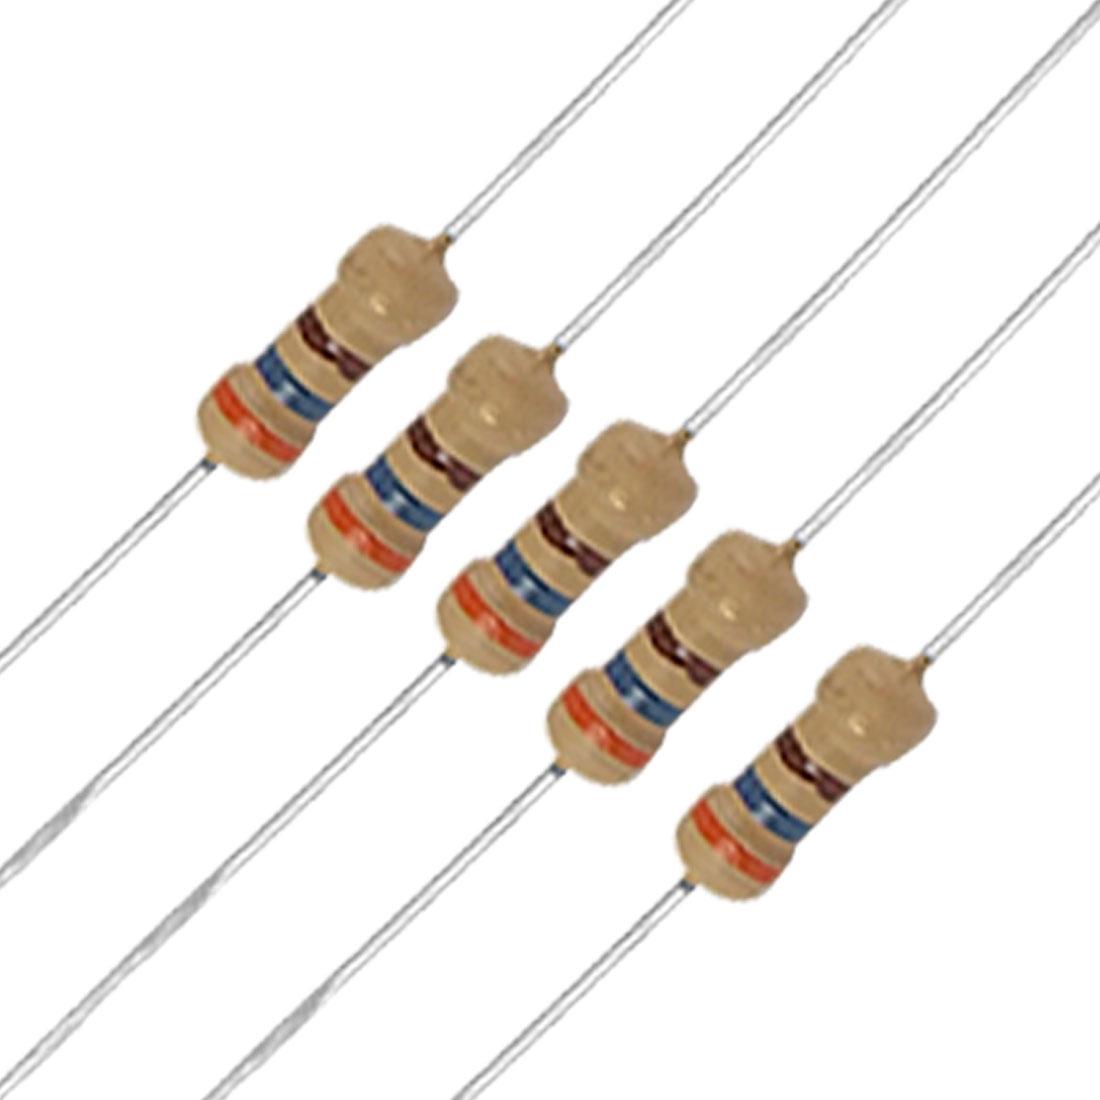 50 x 1/4W 250V 360 ohm Carbon Film Resistors Axial